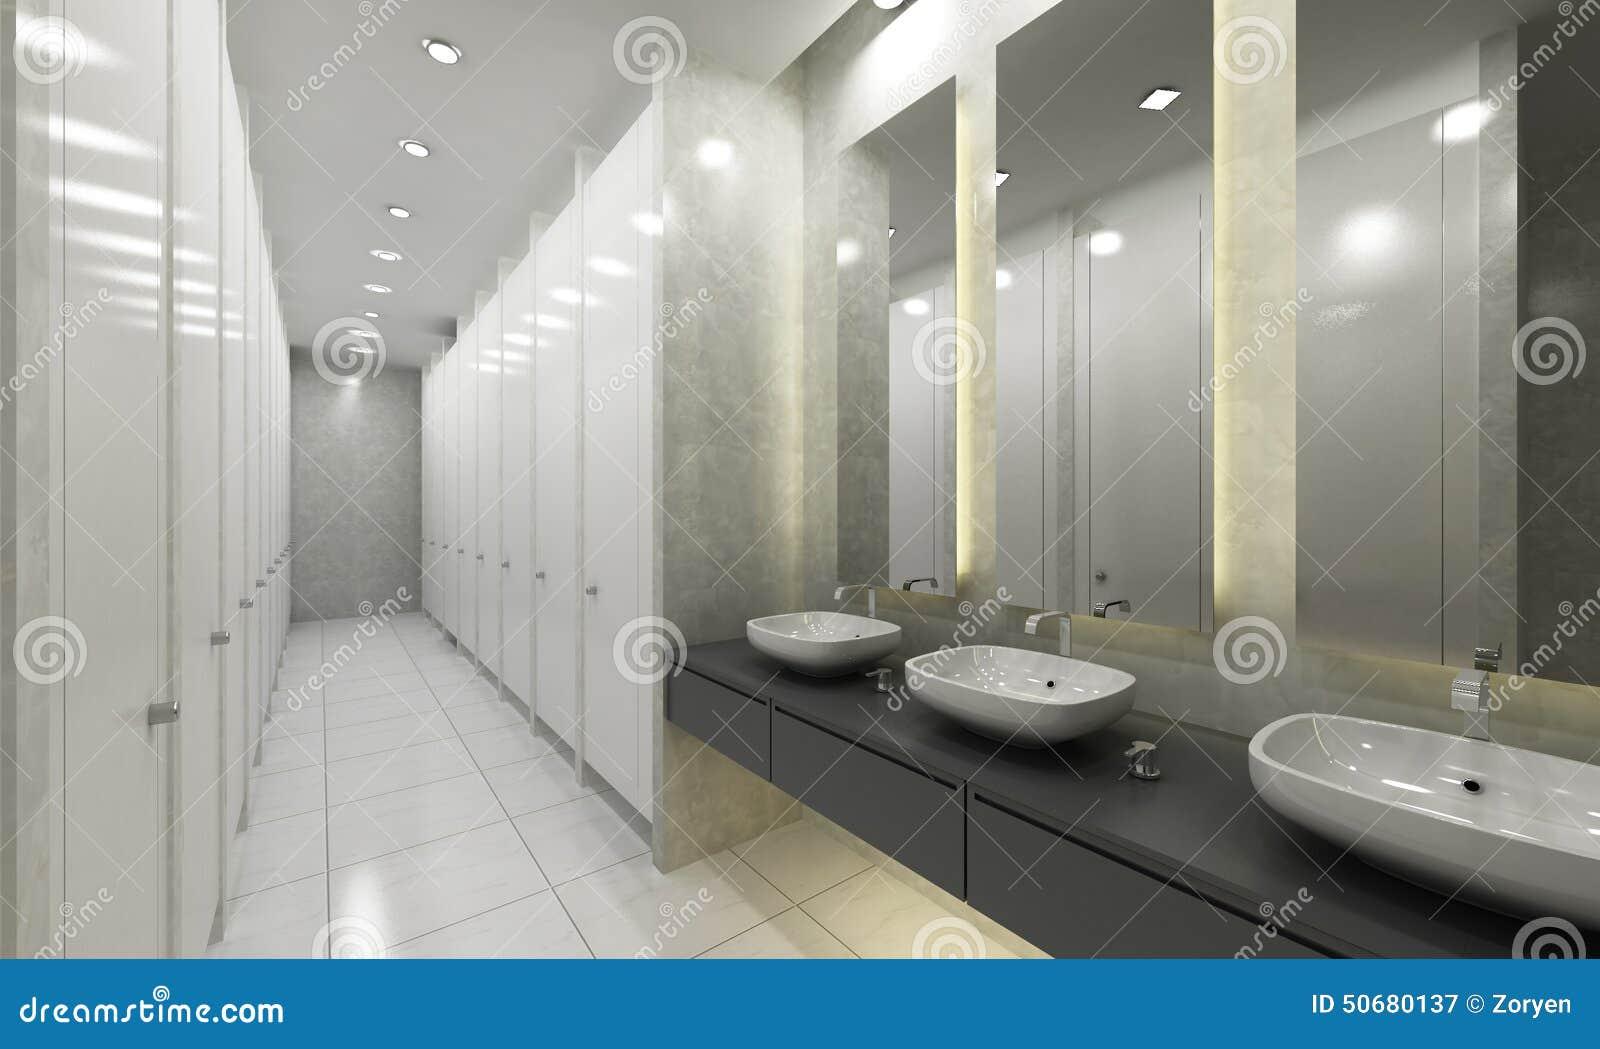 modern washroom and toilets stock image image of. Black Bedroom Furniture Sets. Home Design Ideas